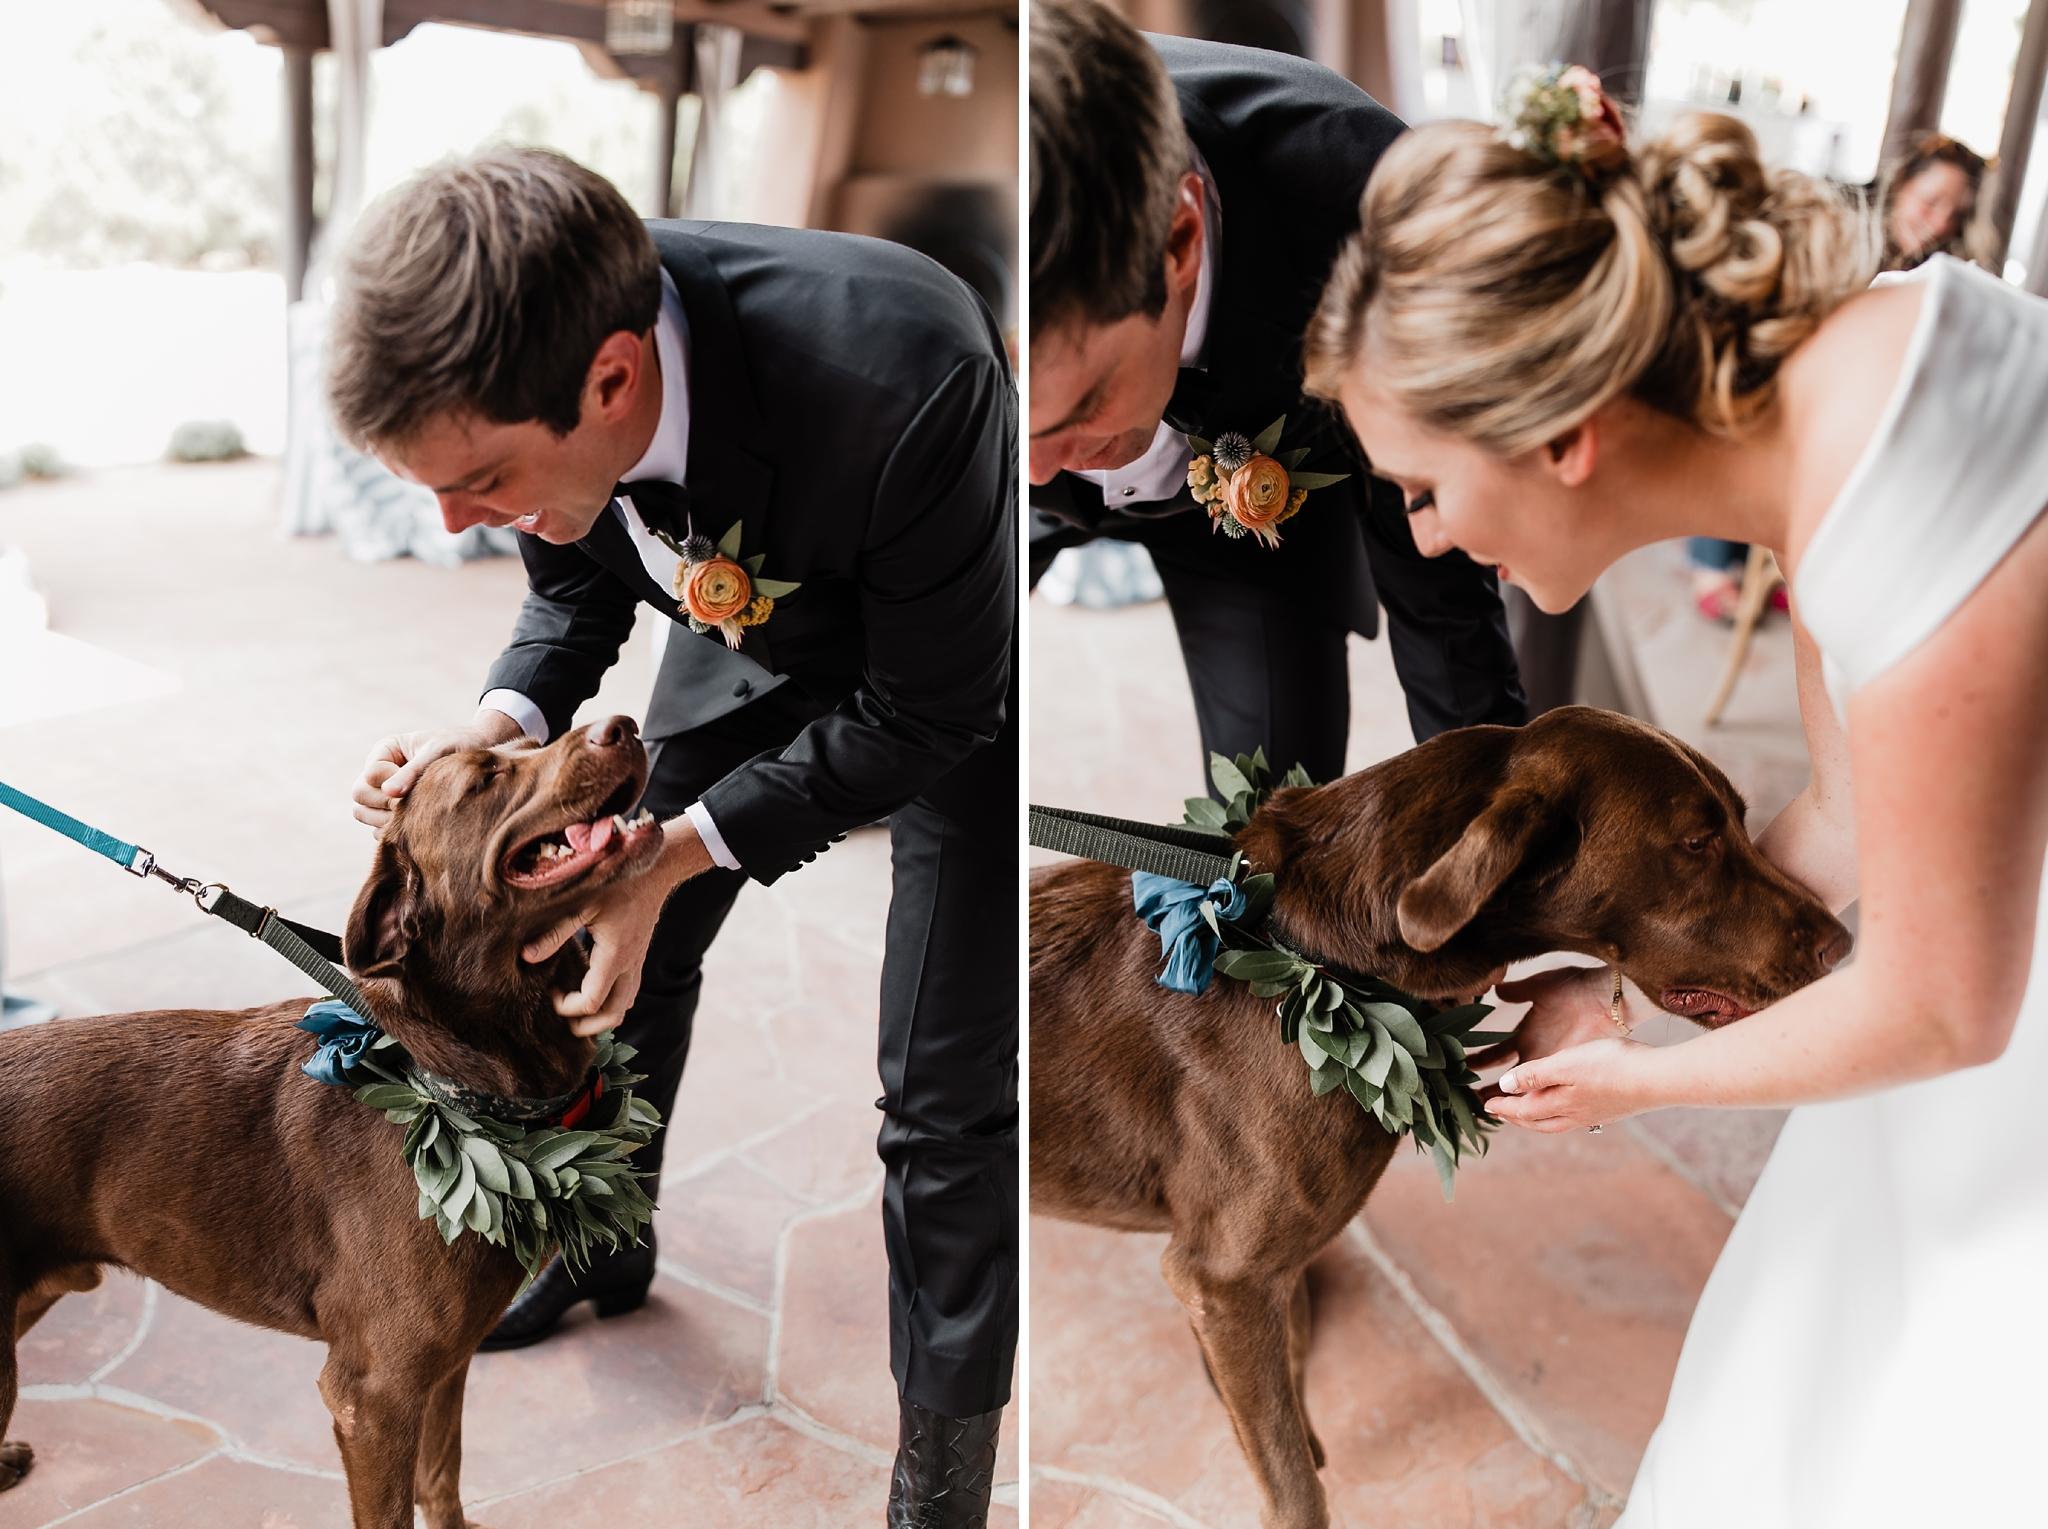 Alicia+lucia+photography+-+albuquerque+wedding+photographer+-+santa+fe+wedding+photography+-+new+mexico+wedding+photographer+-+new+mexico+wedding+-+las+campanas+wedding+-+santa+fe+wedding+-+maximalist+wedding+-+destination+wedding_0051.jpg